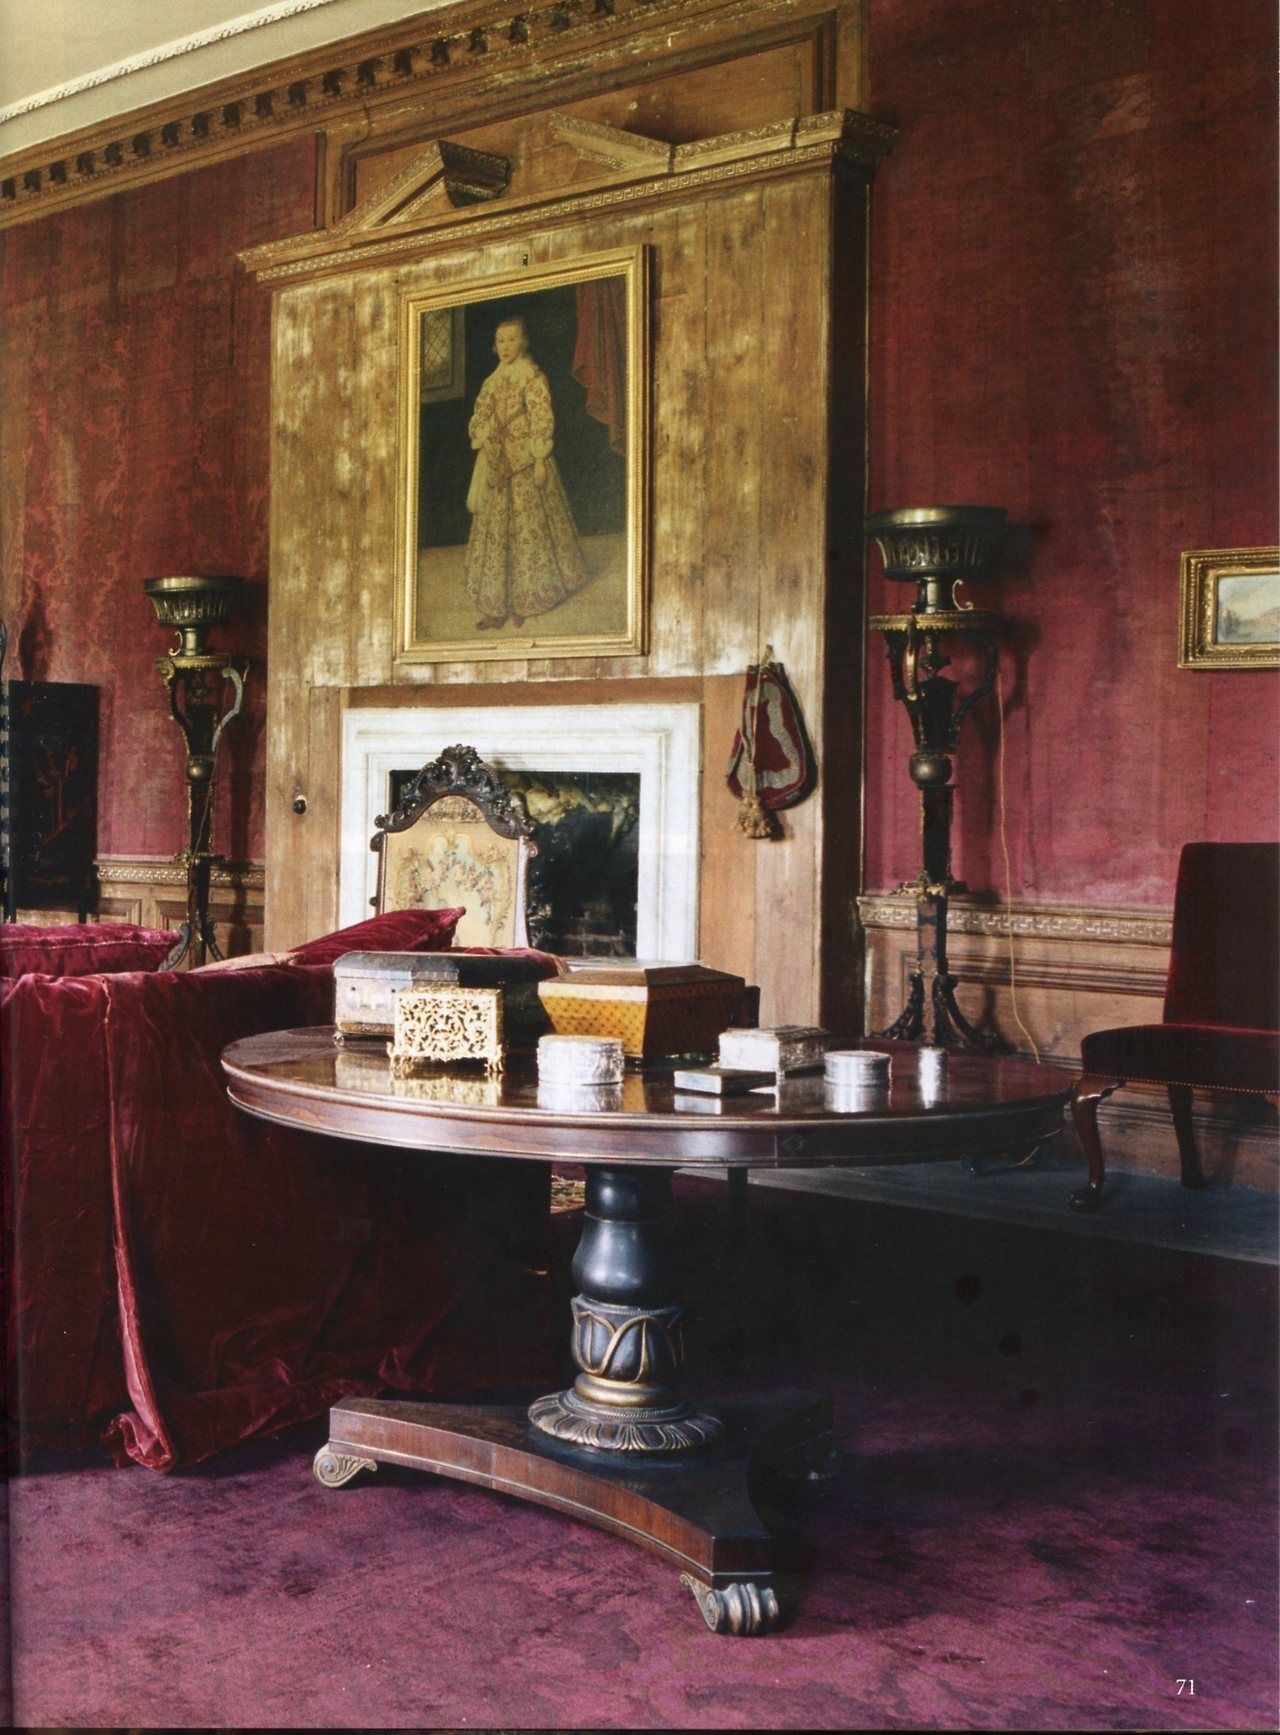 The World of Interiors, September 2015. Photo - Antony Crolla